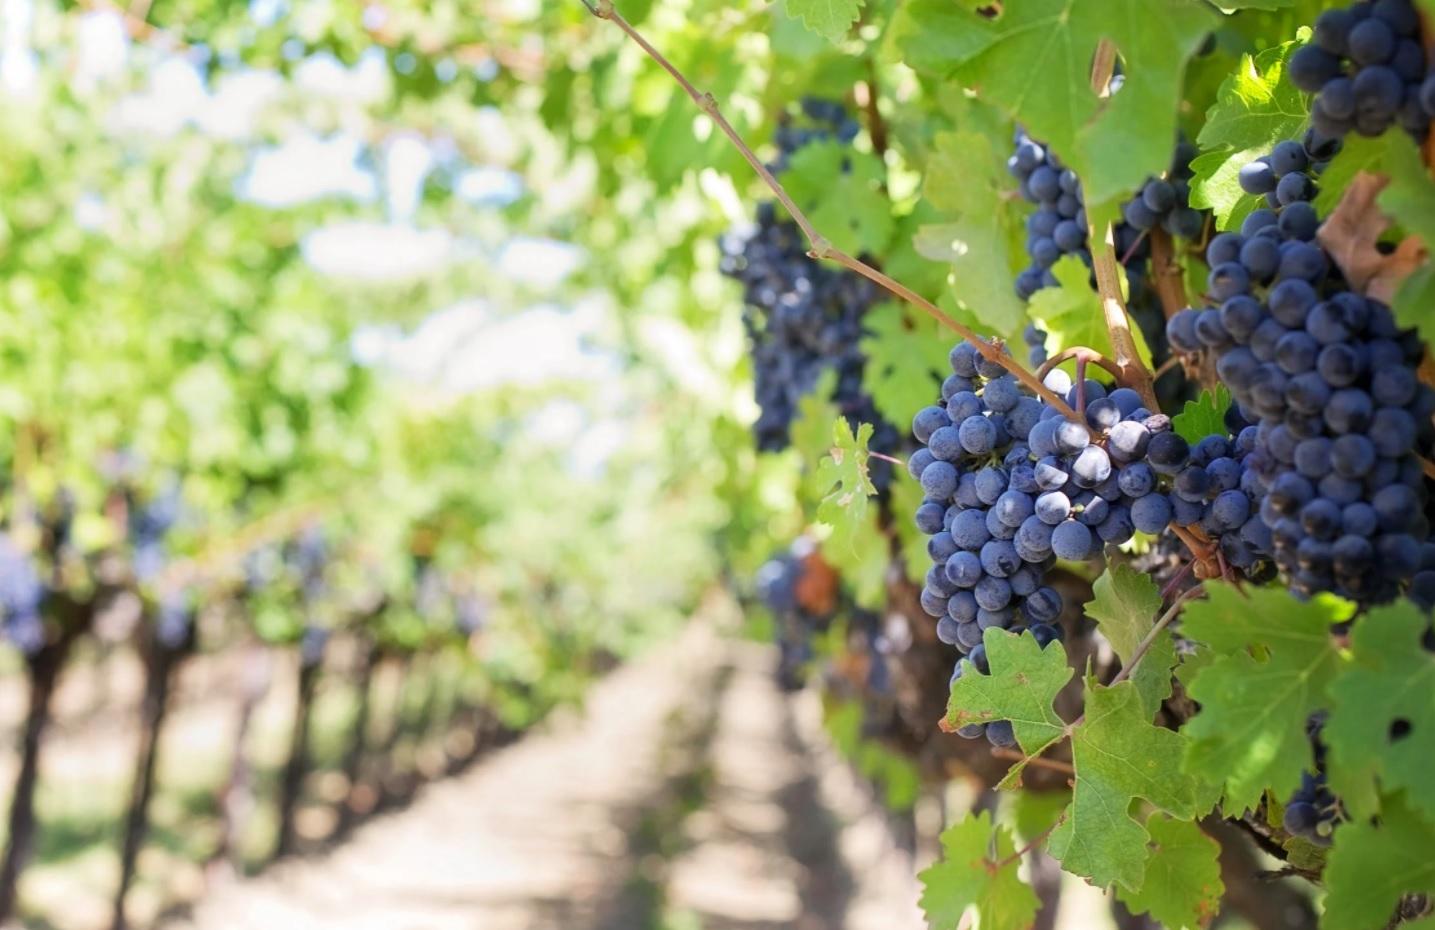 A borturizmus került a vendéglátás fókuszába